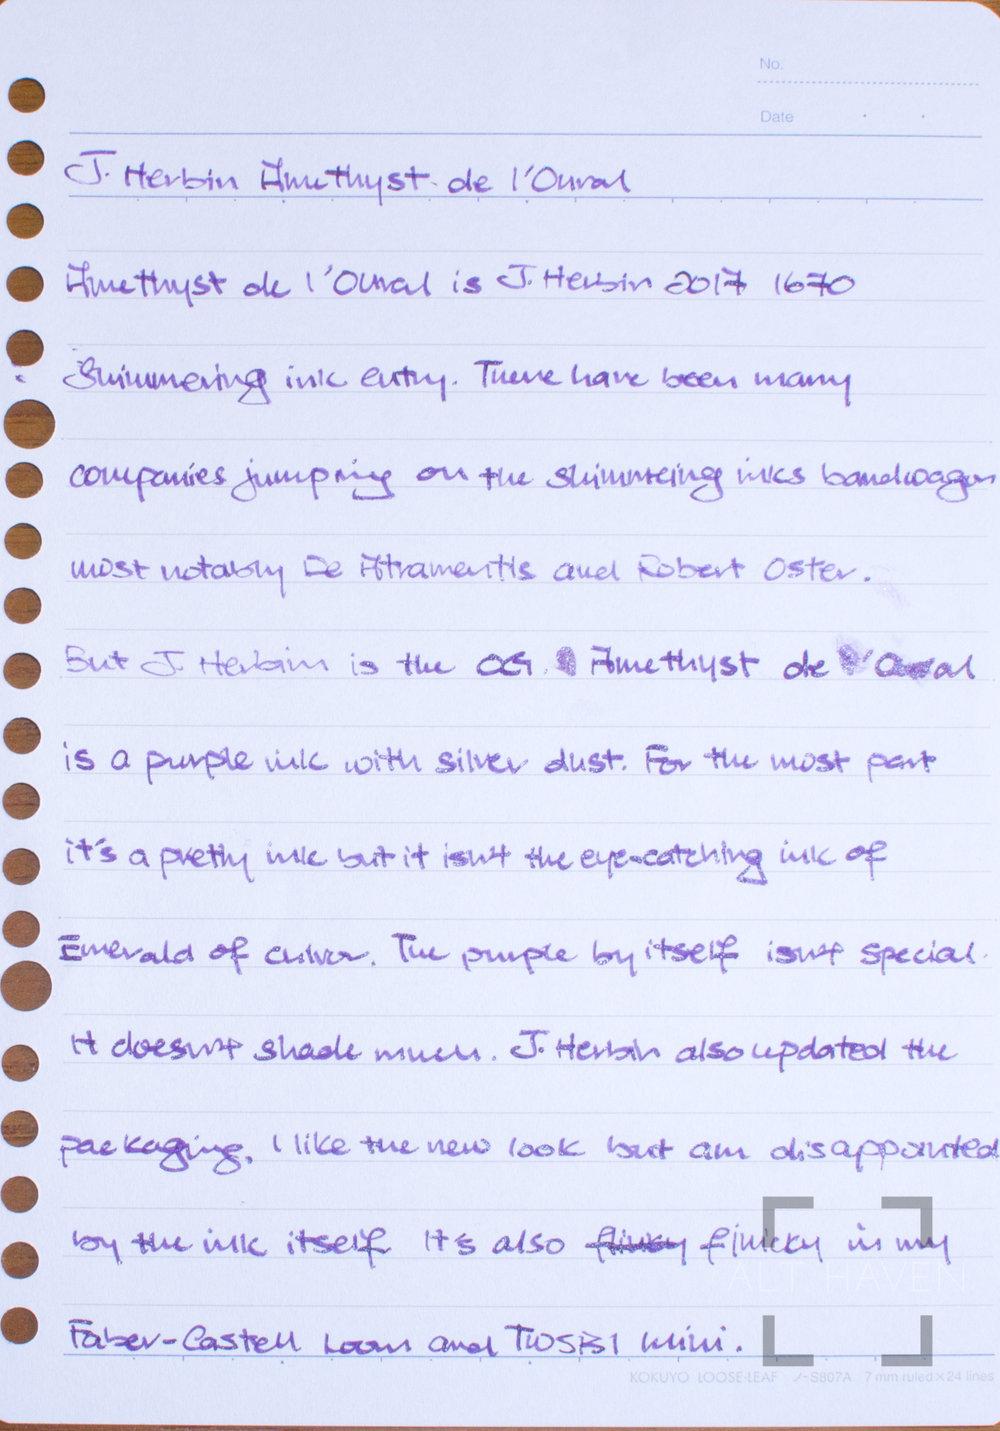 J. Herbin Amethyst de l%22Oural-2.jpg